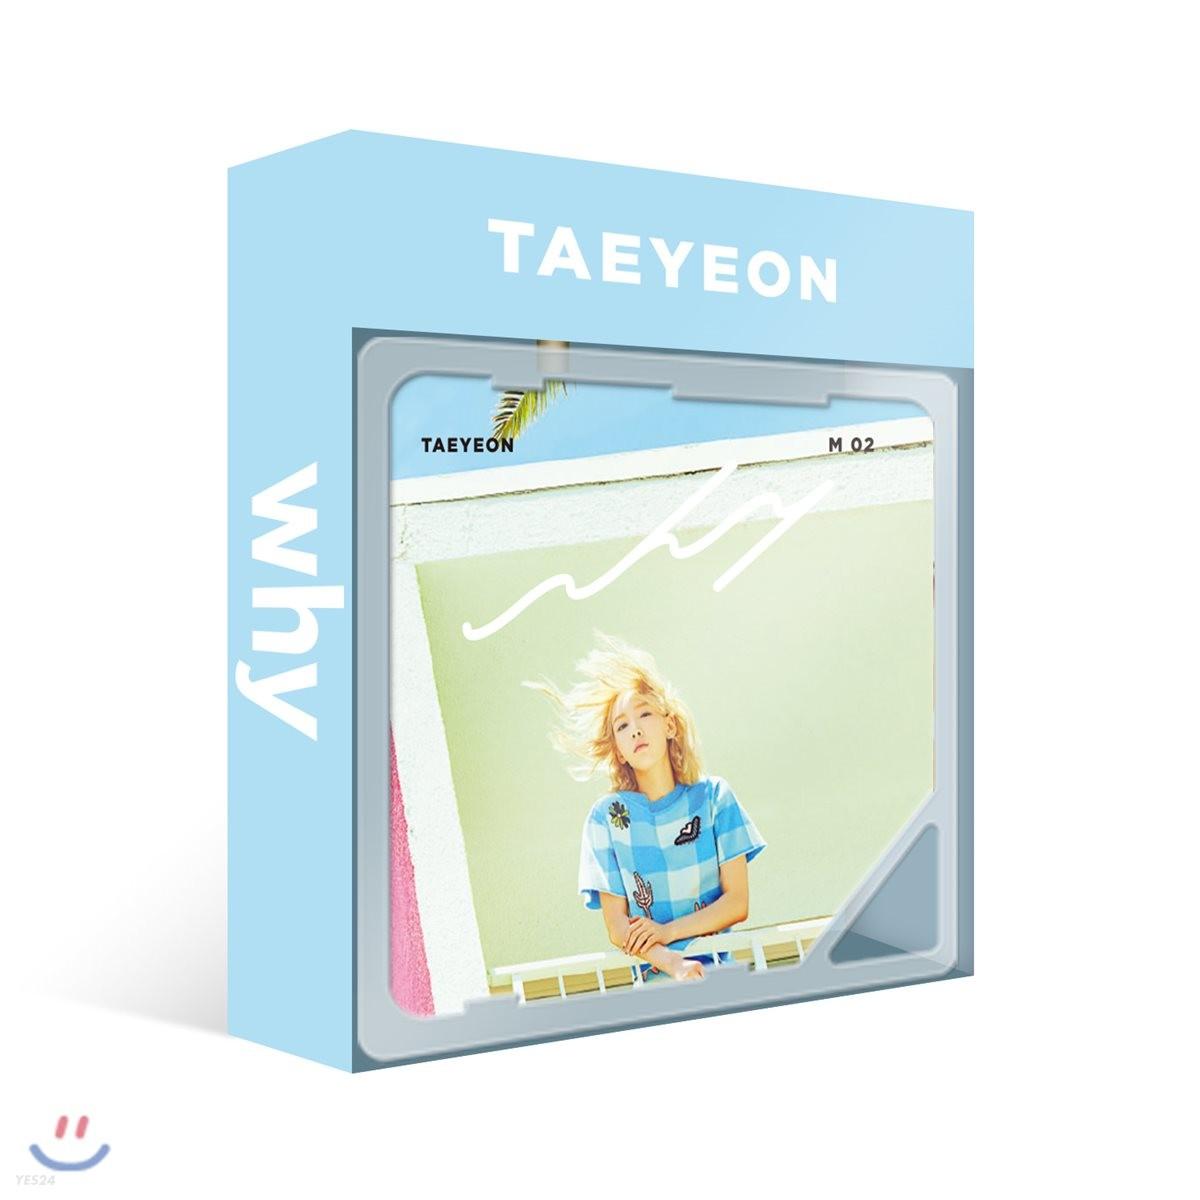 태연 (Taeyeon) - 미니앨범 2집 : Why [스마트뮤직앨범(키노 앨범)]